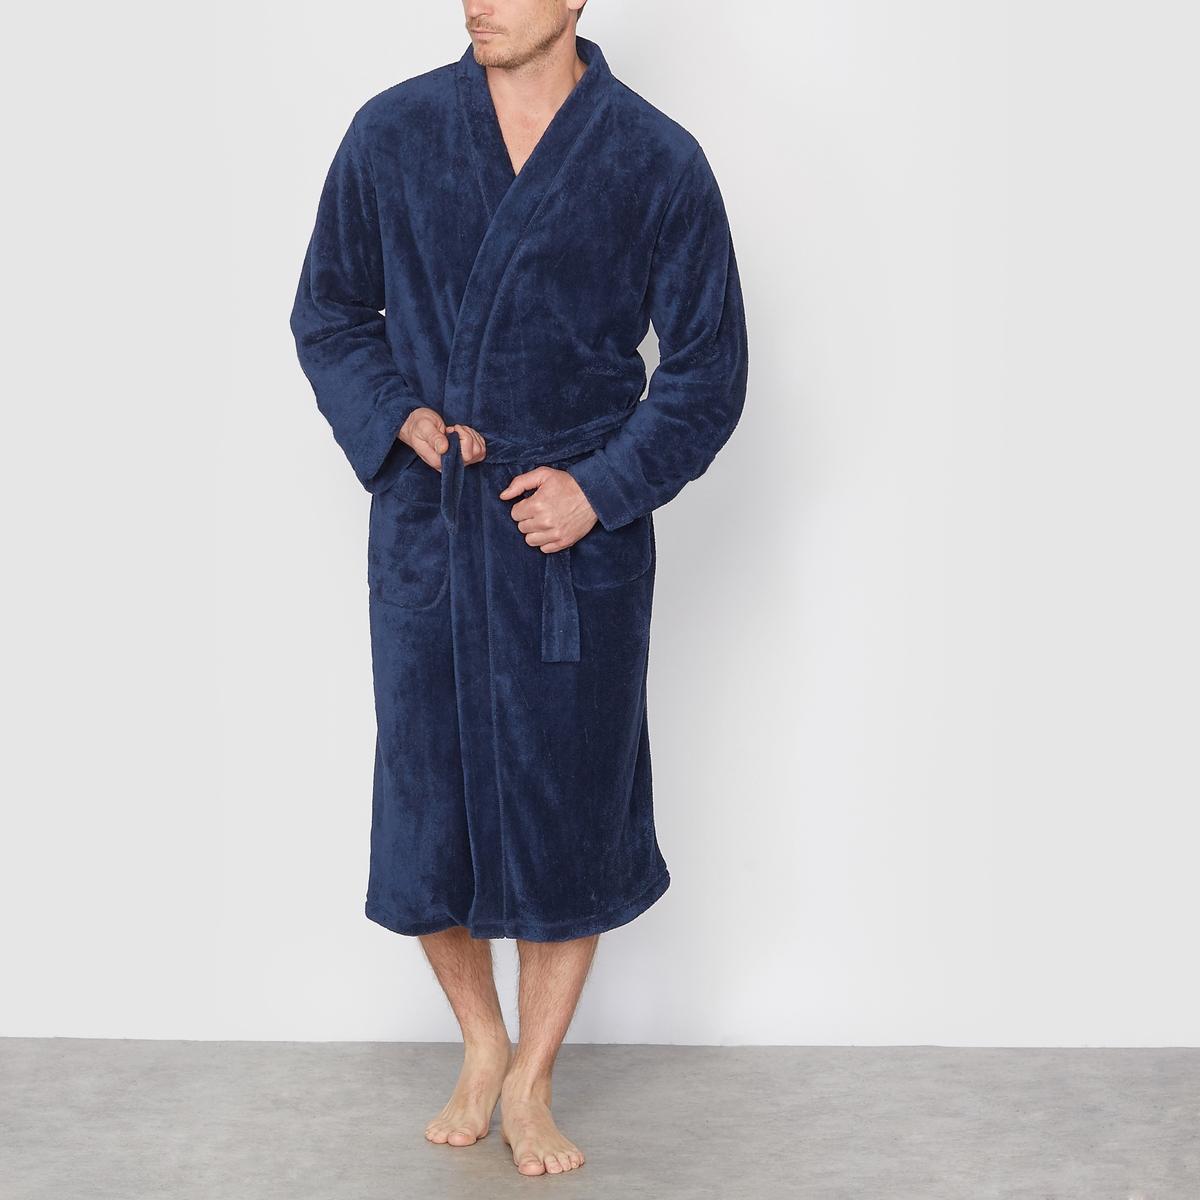 ХалатУльтрамягкий и ультралегкий плюшевый трикотаж, 100% полиэстера. Воротник-кимоно. 2 кармана спереди. Пояс в шлевках. Длина ниже колена.<br><br>Цвет: темно-синий